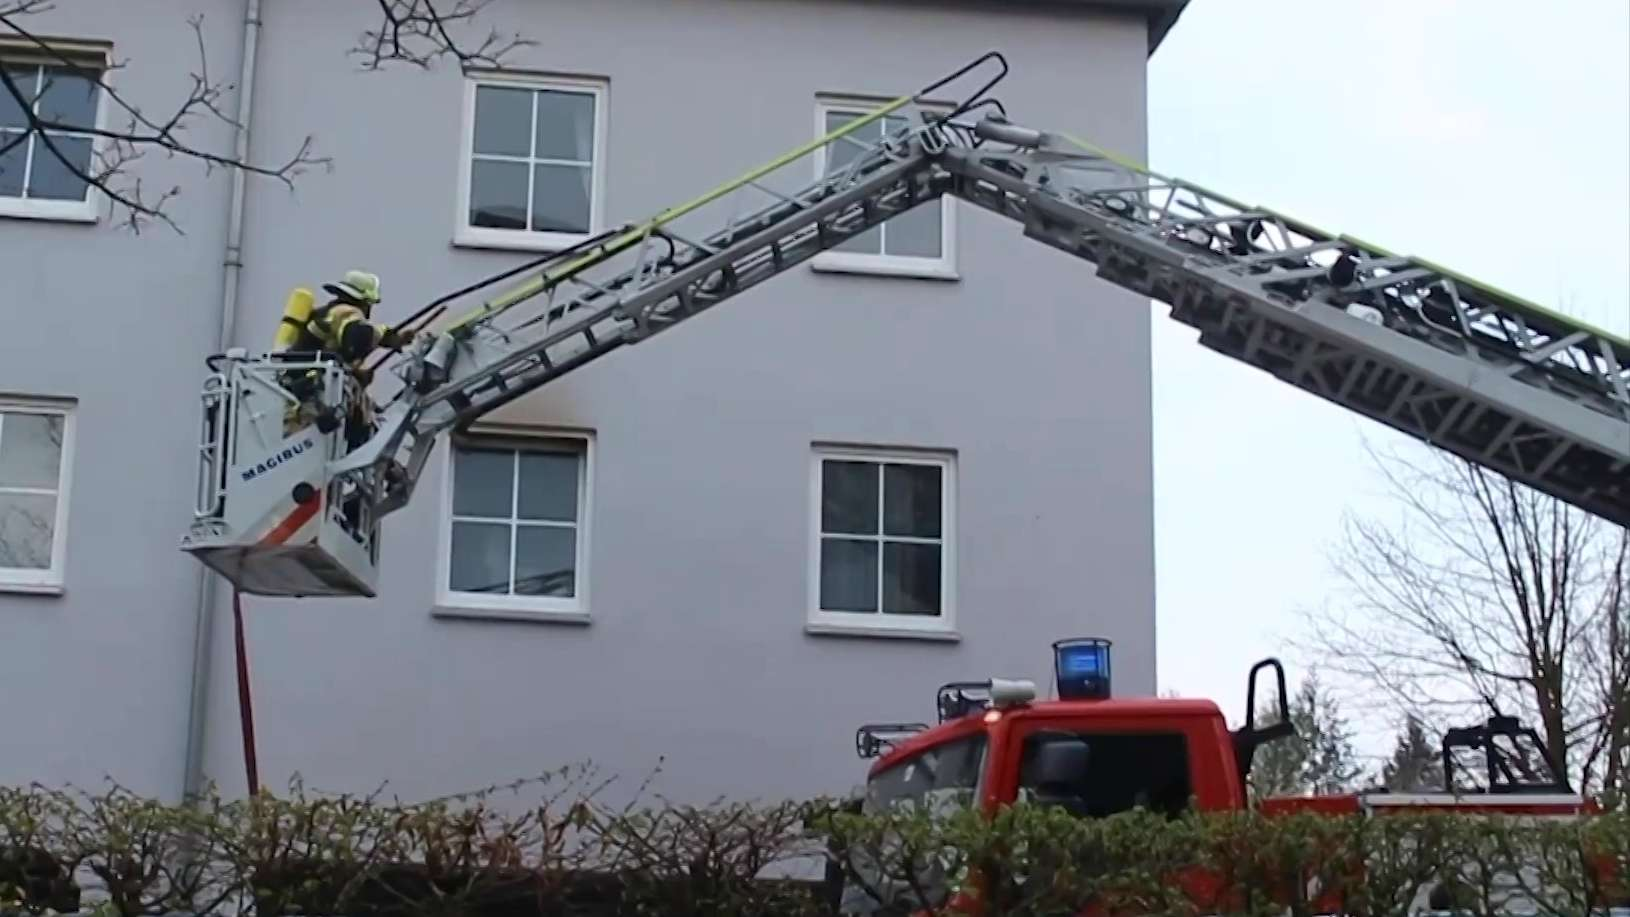 Ein Feuerwehrmann auf einer Drehleiter vor einem grauen Mehrfamilienhaus.